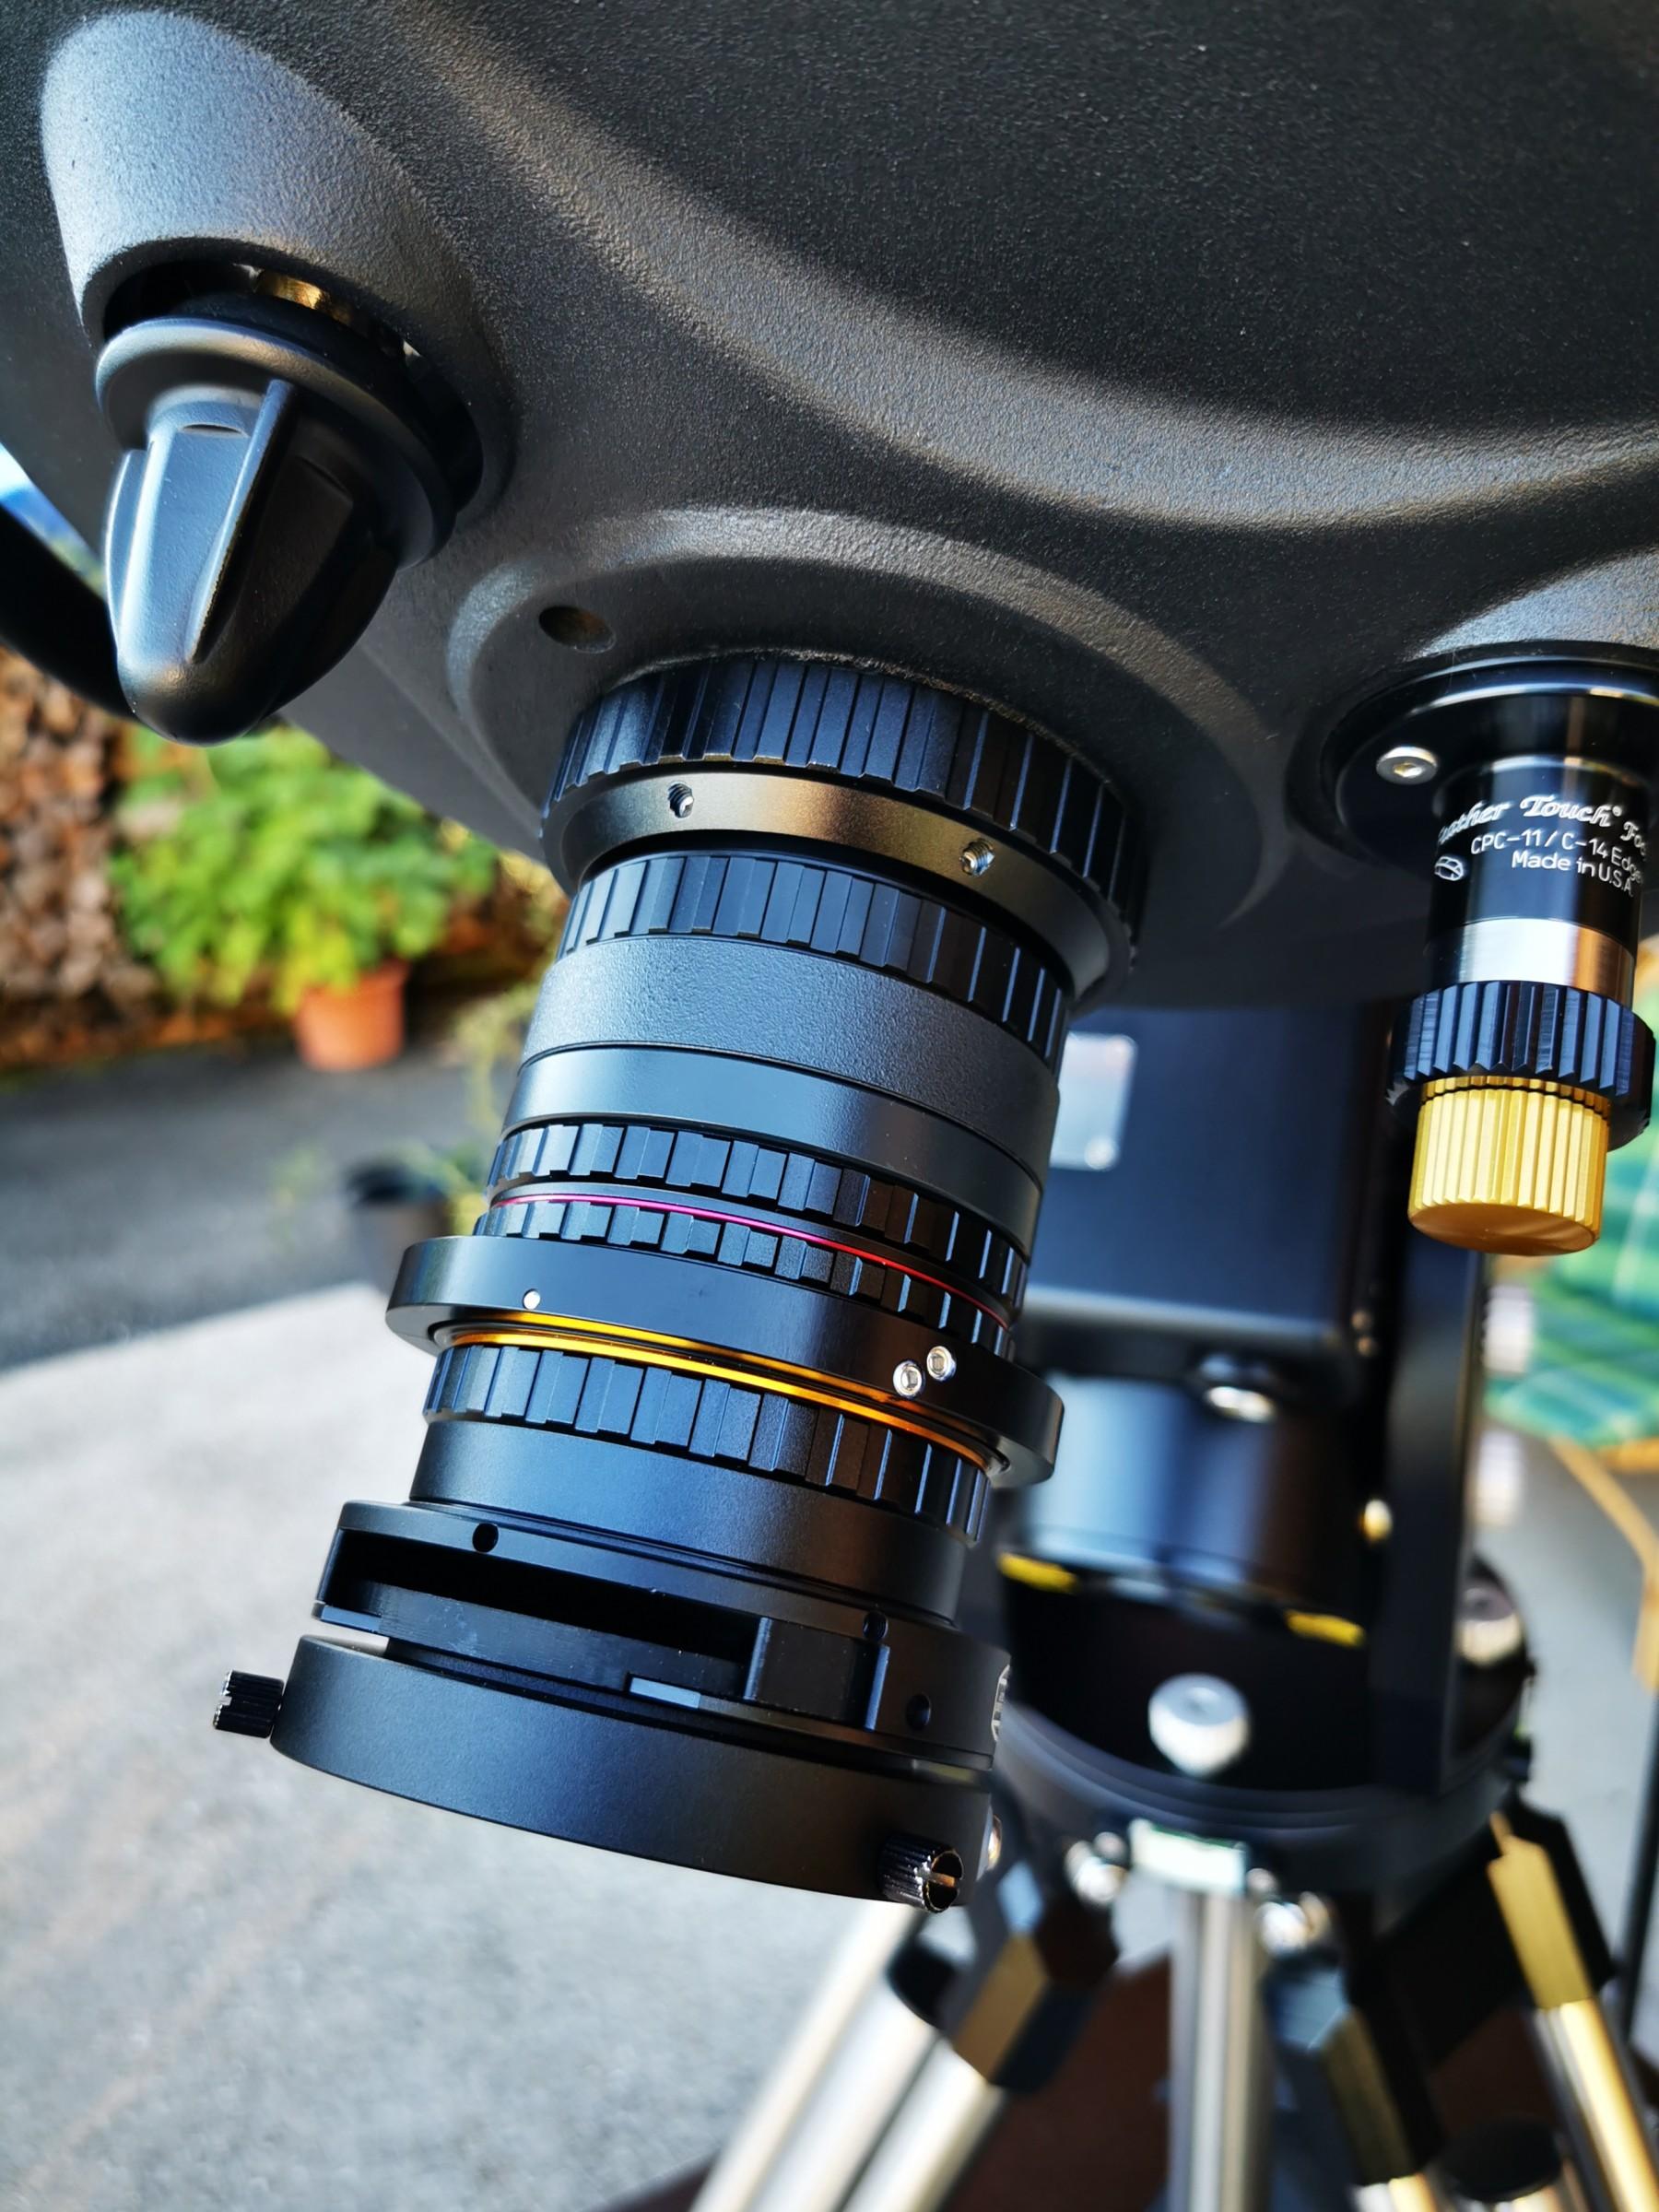 Application: Baader M68 with M68-Tilter + UFC für die QHY600M Kamera